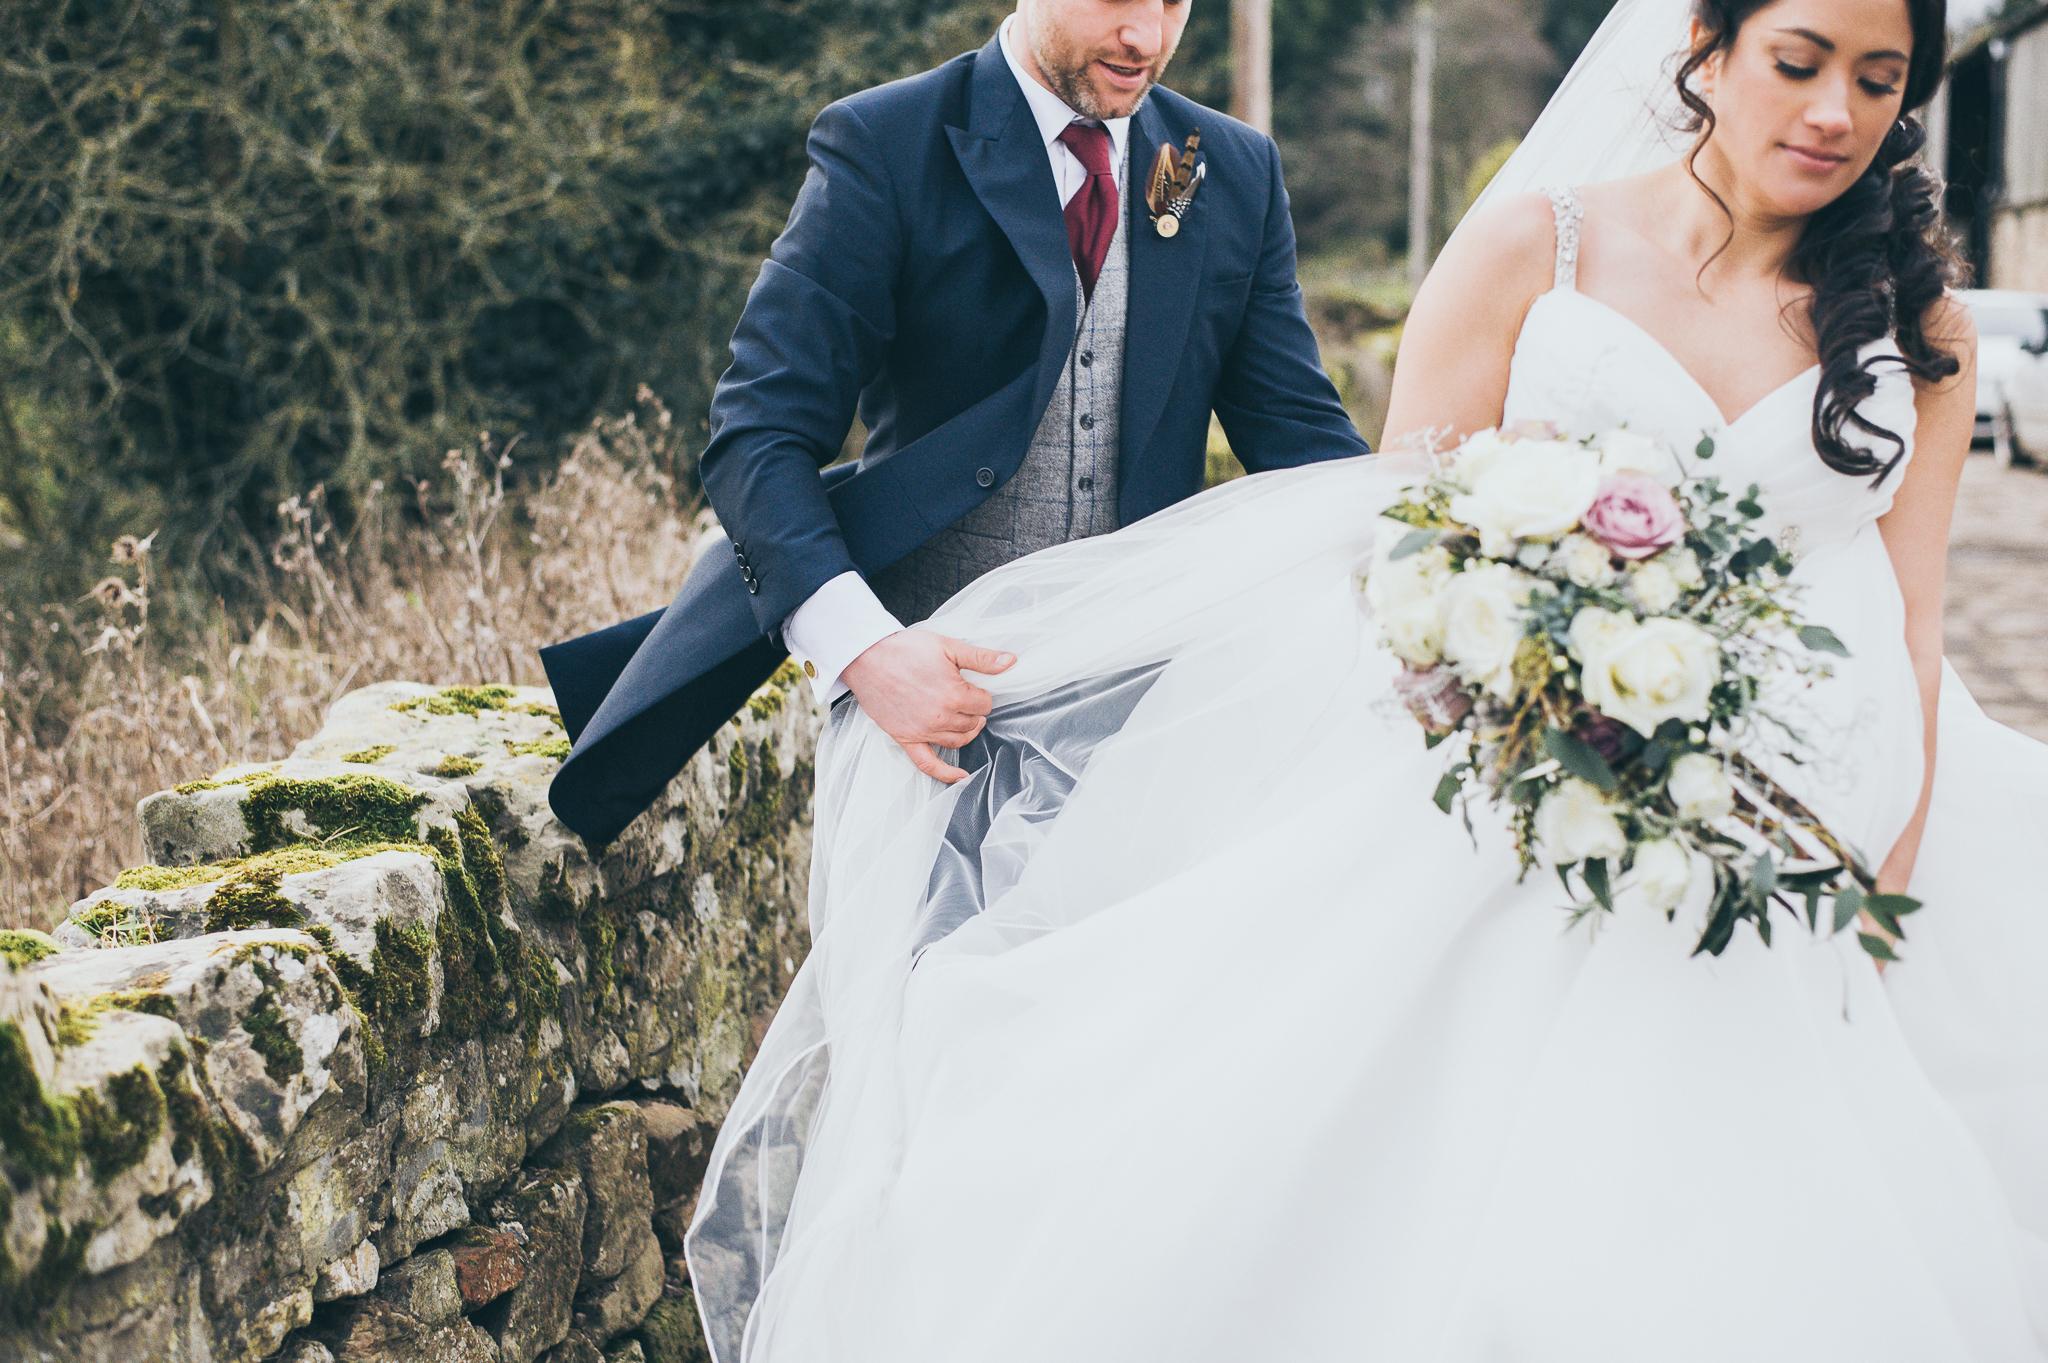 helen wedding2